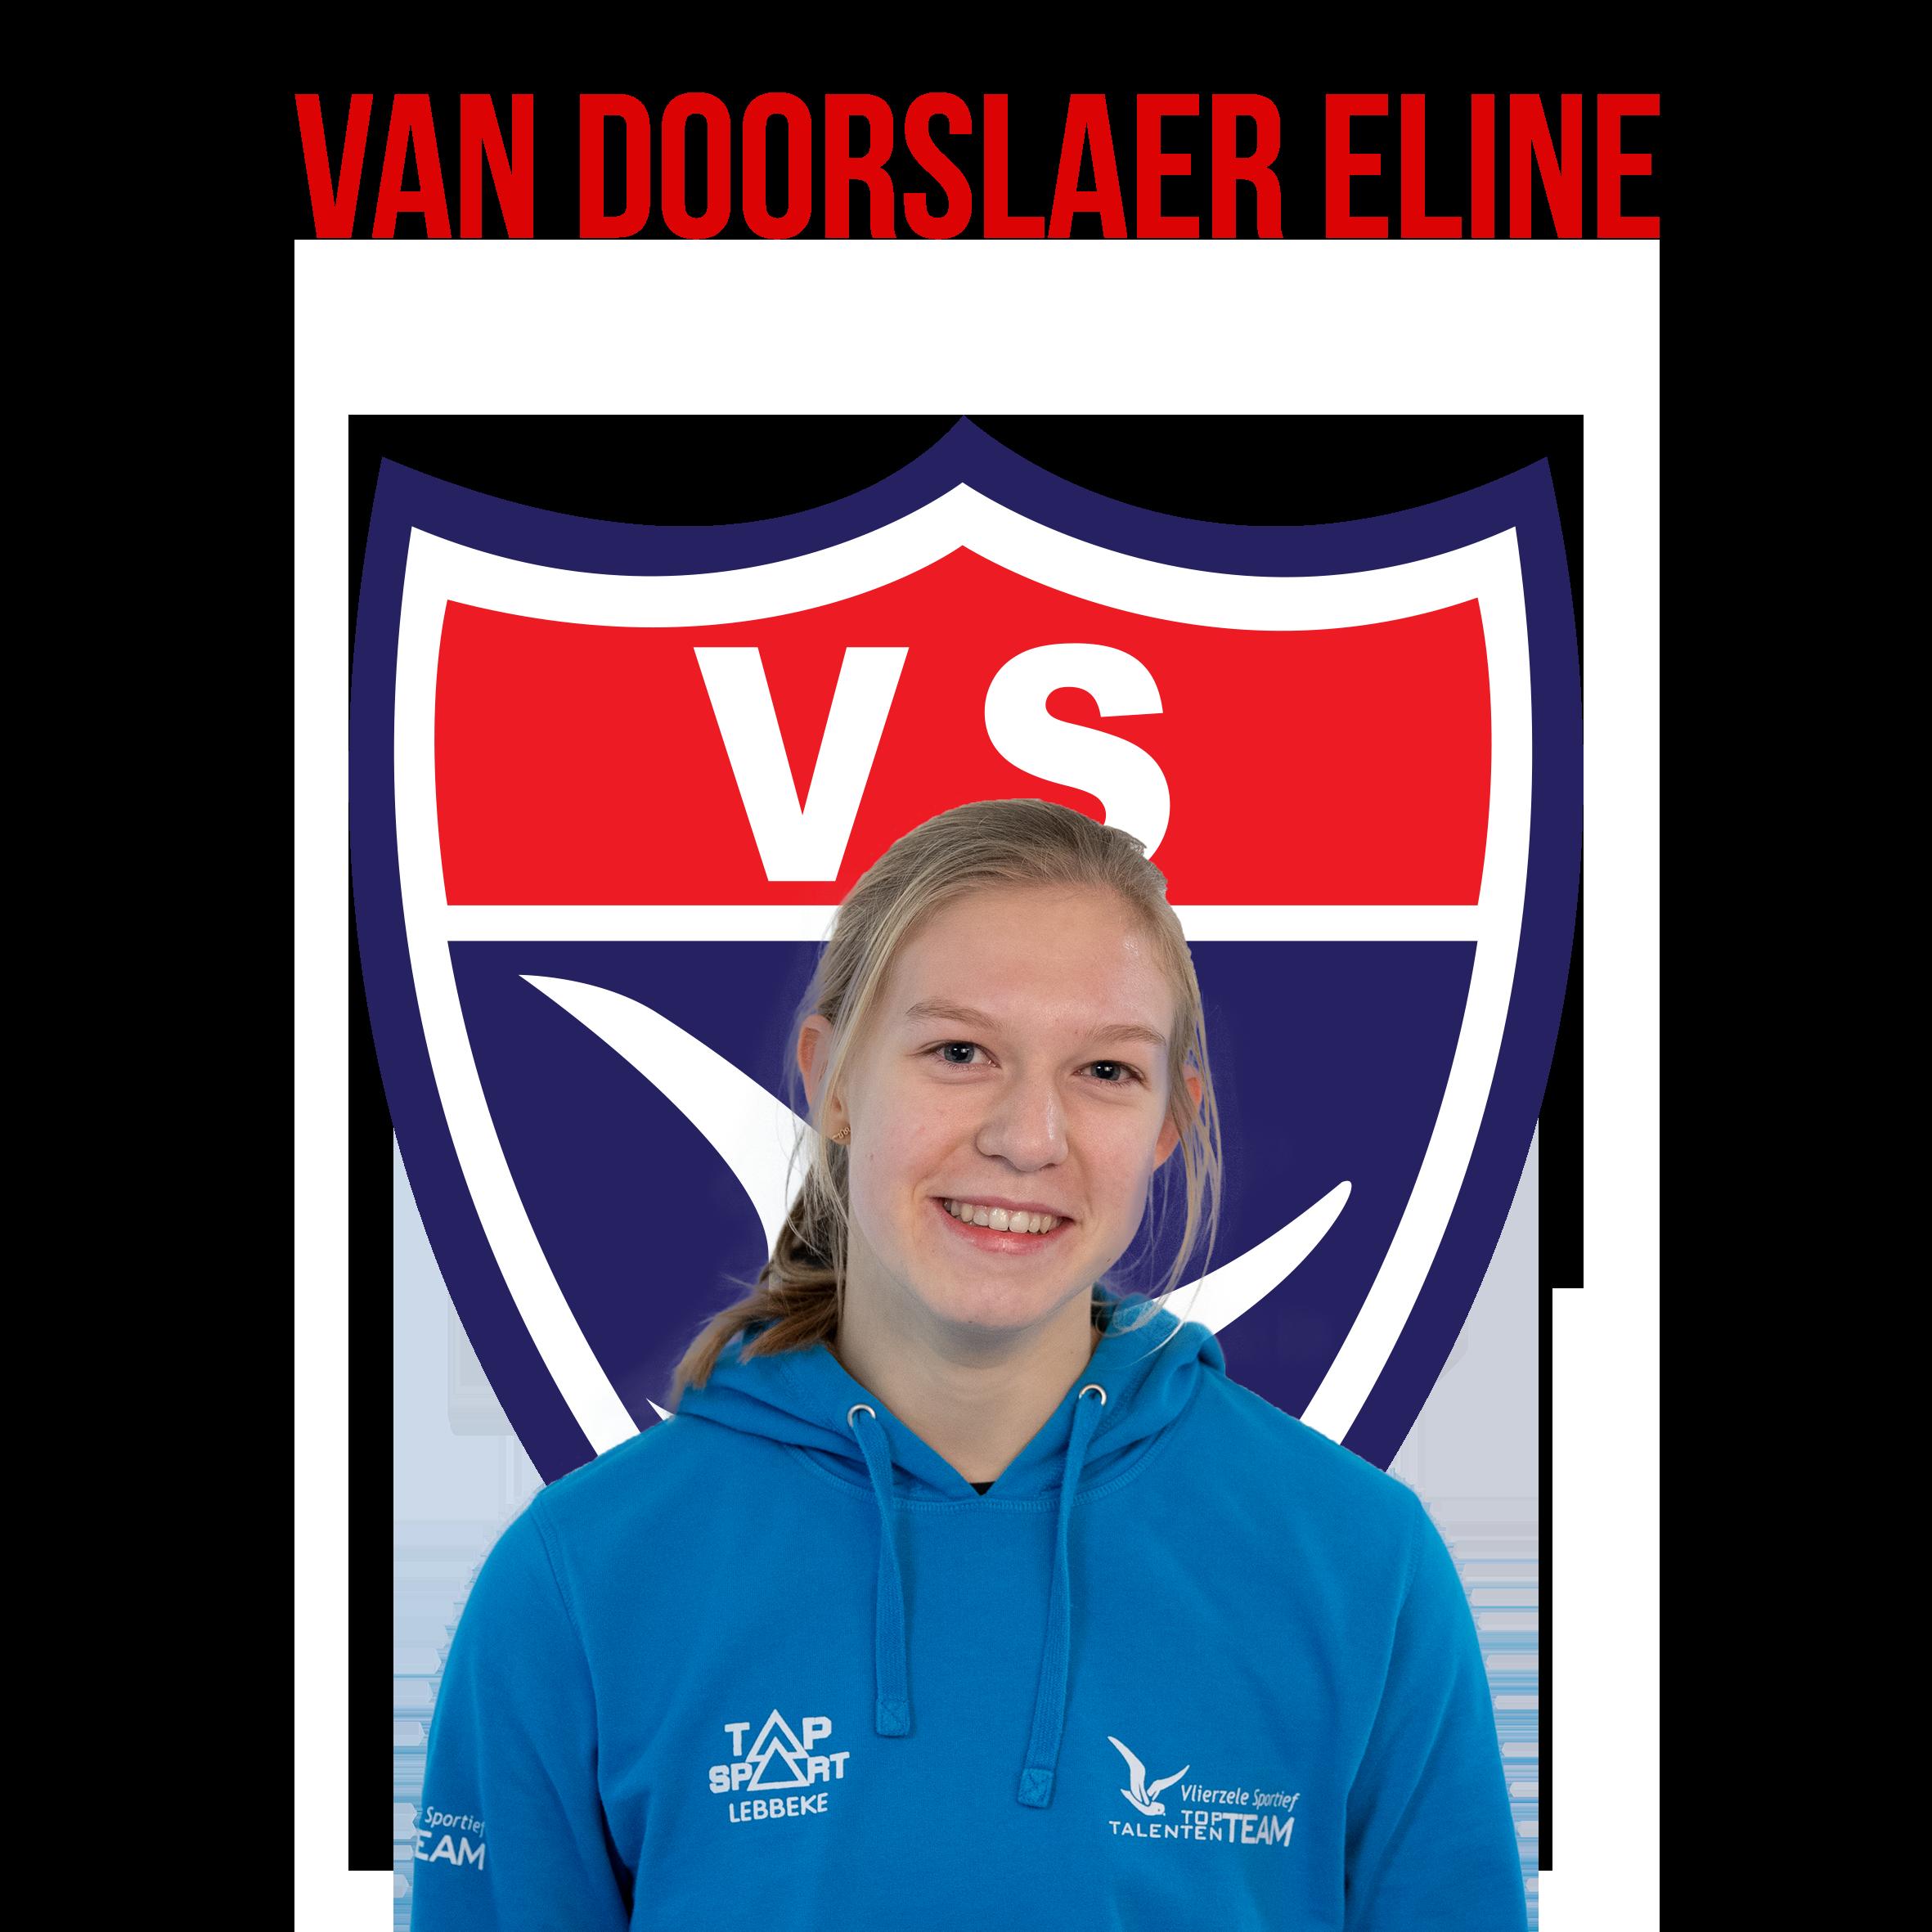 Van_doorslaer_eline